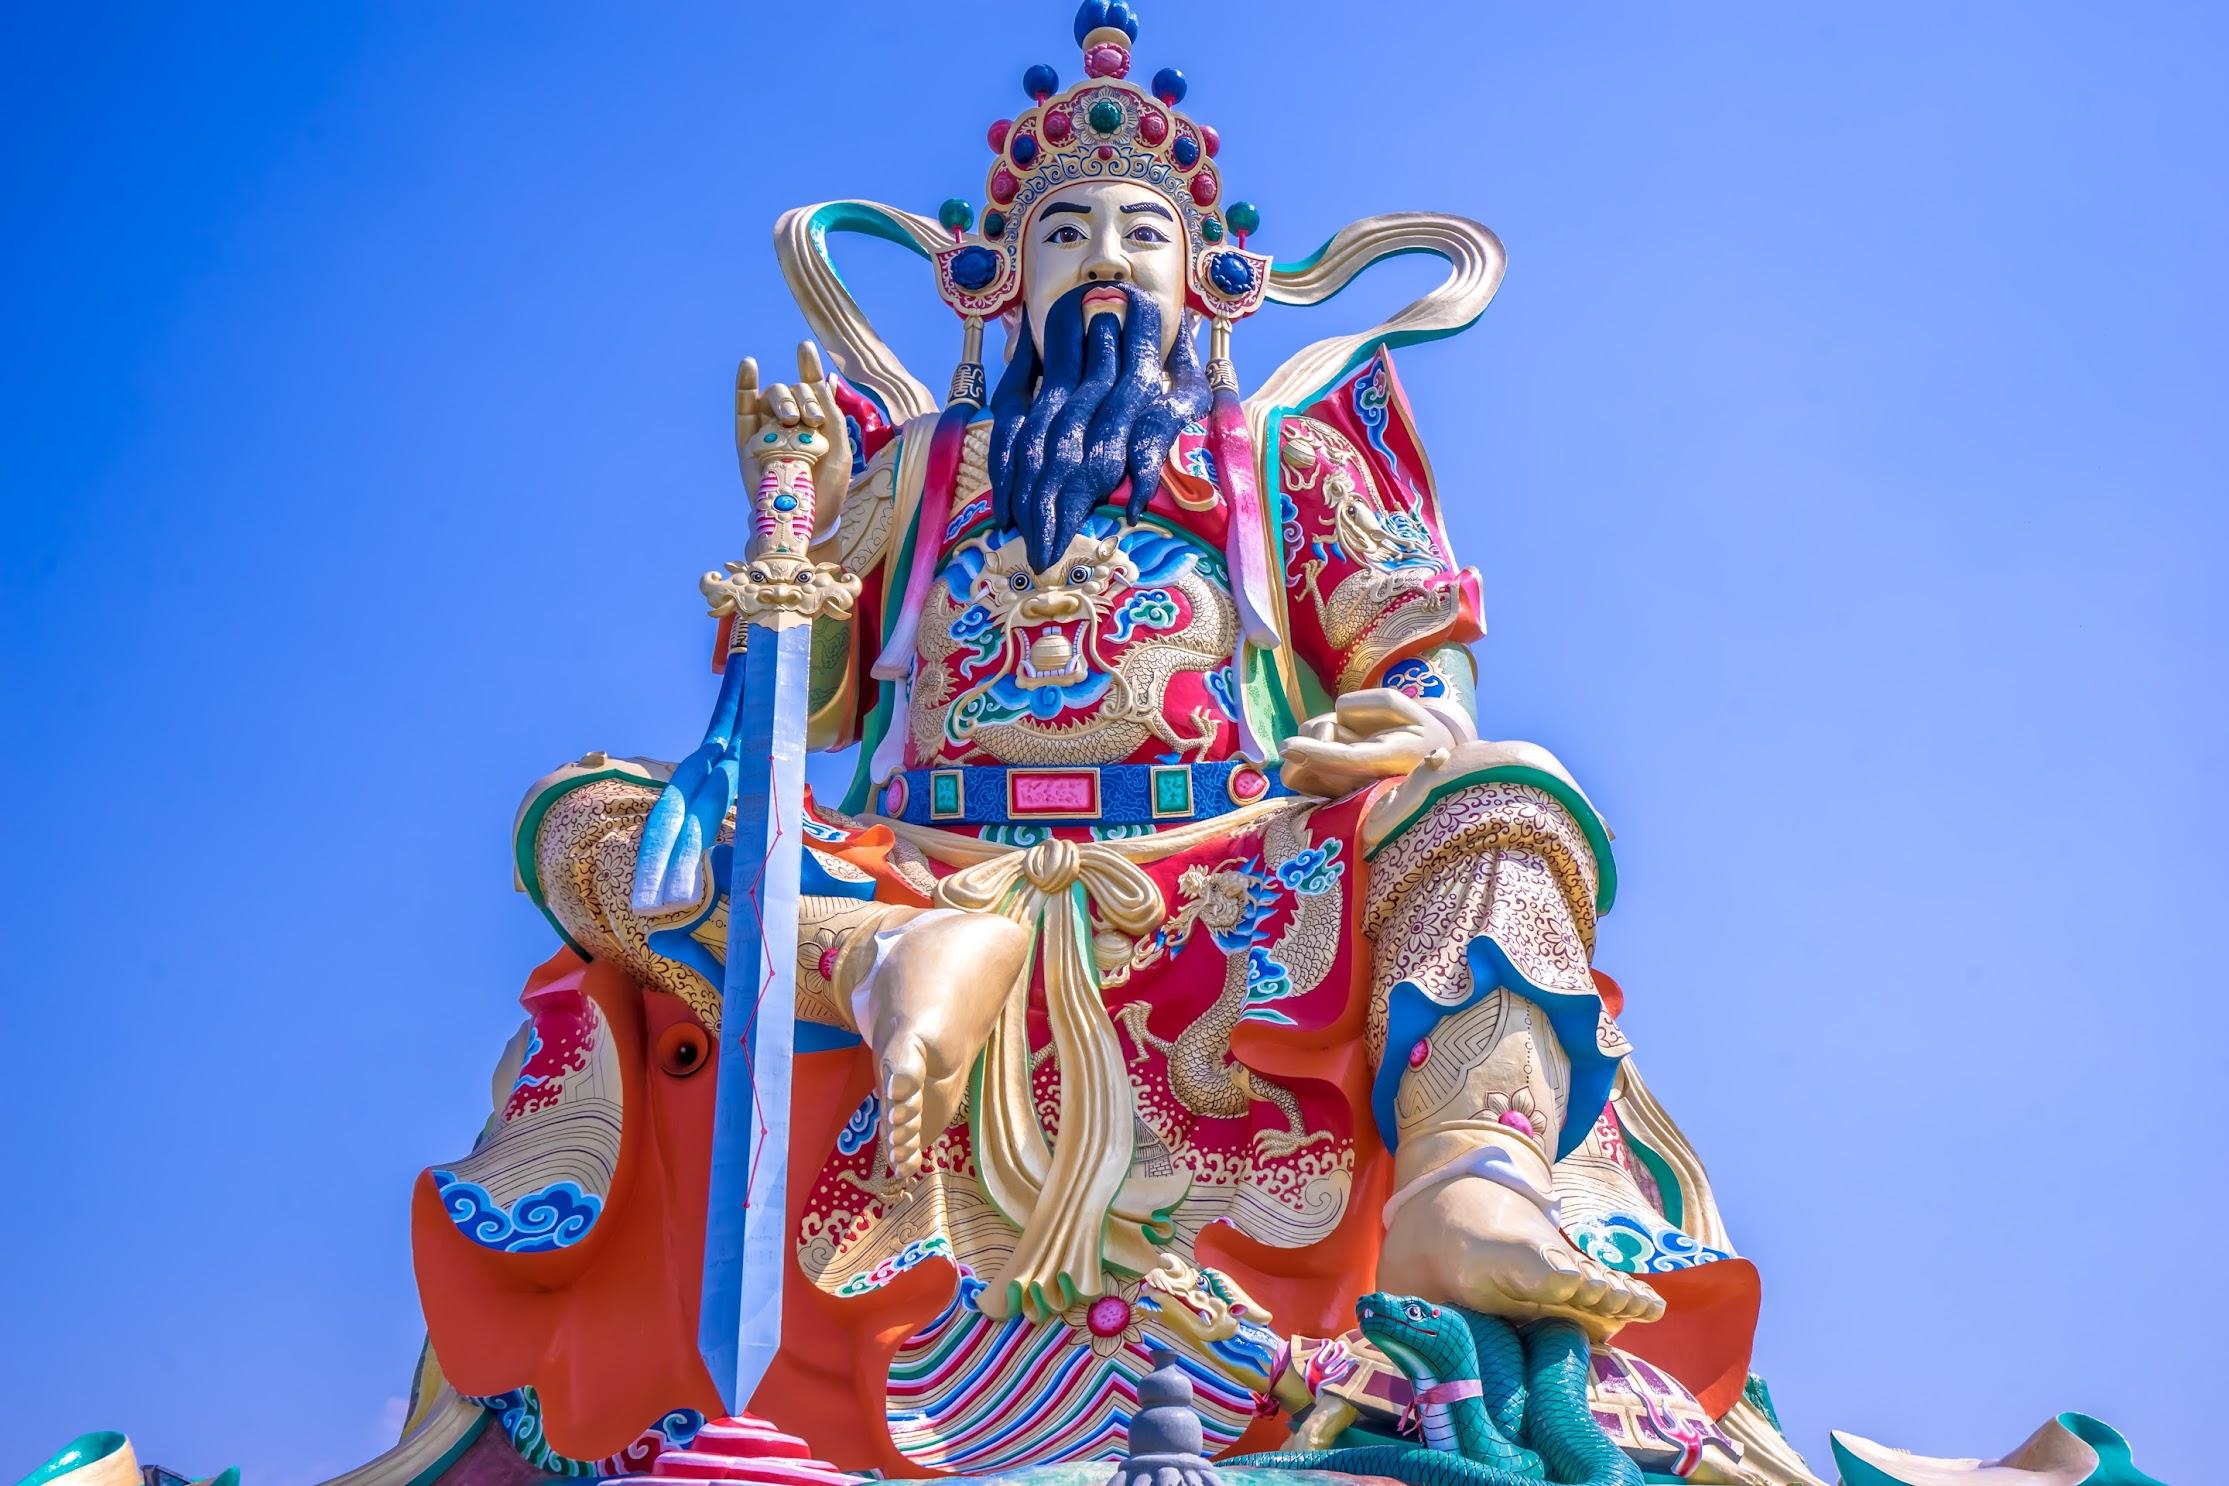 Kaohsiung Lotus Pond Statue of Taoist God Xuan-Tian-Shang-Di2